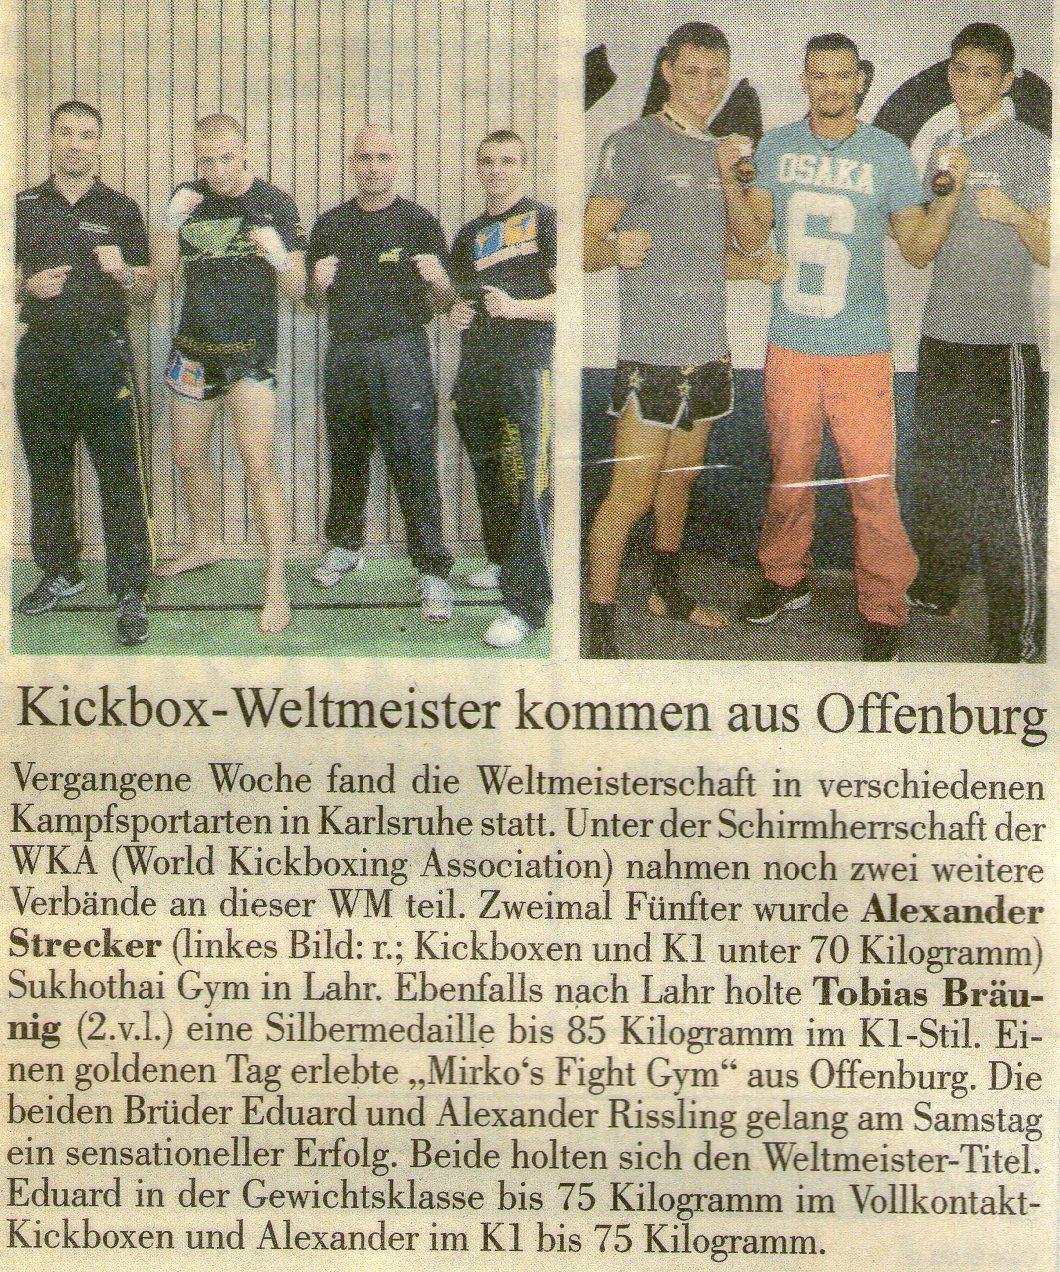 Kickbox-Weltmeister kommen aus Offenburg